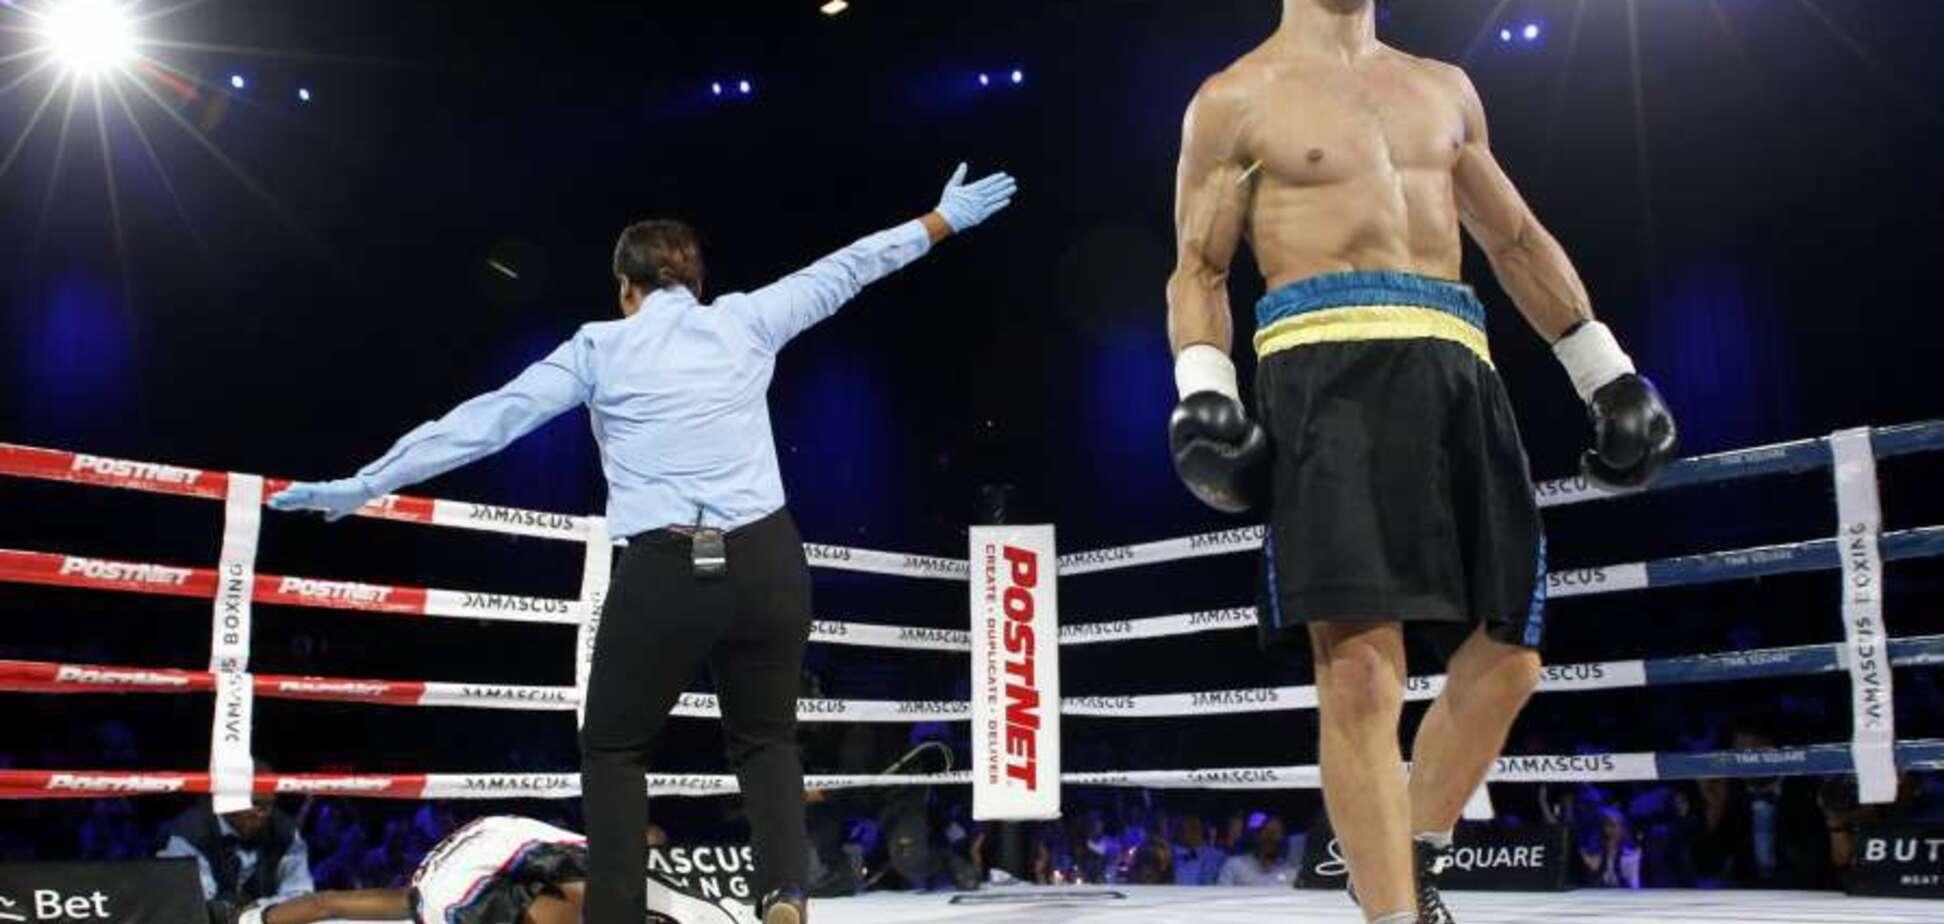 Вирубив: непереможний український боксер здобув перемогу брутальним нокаутом — відеофакт